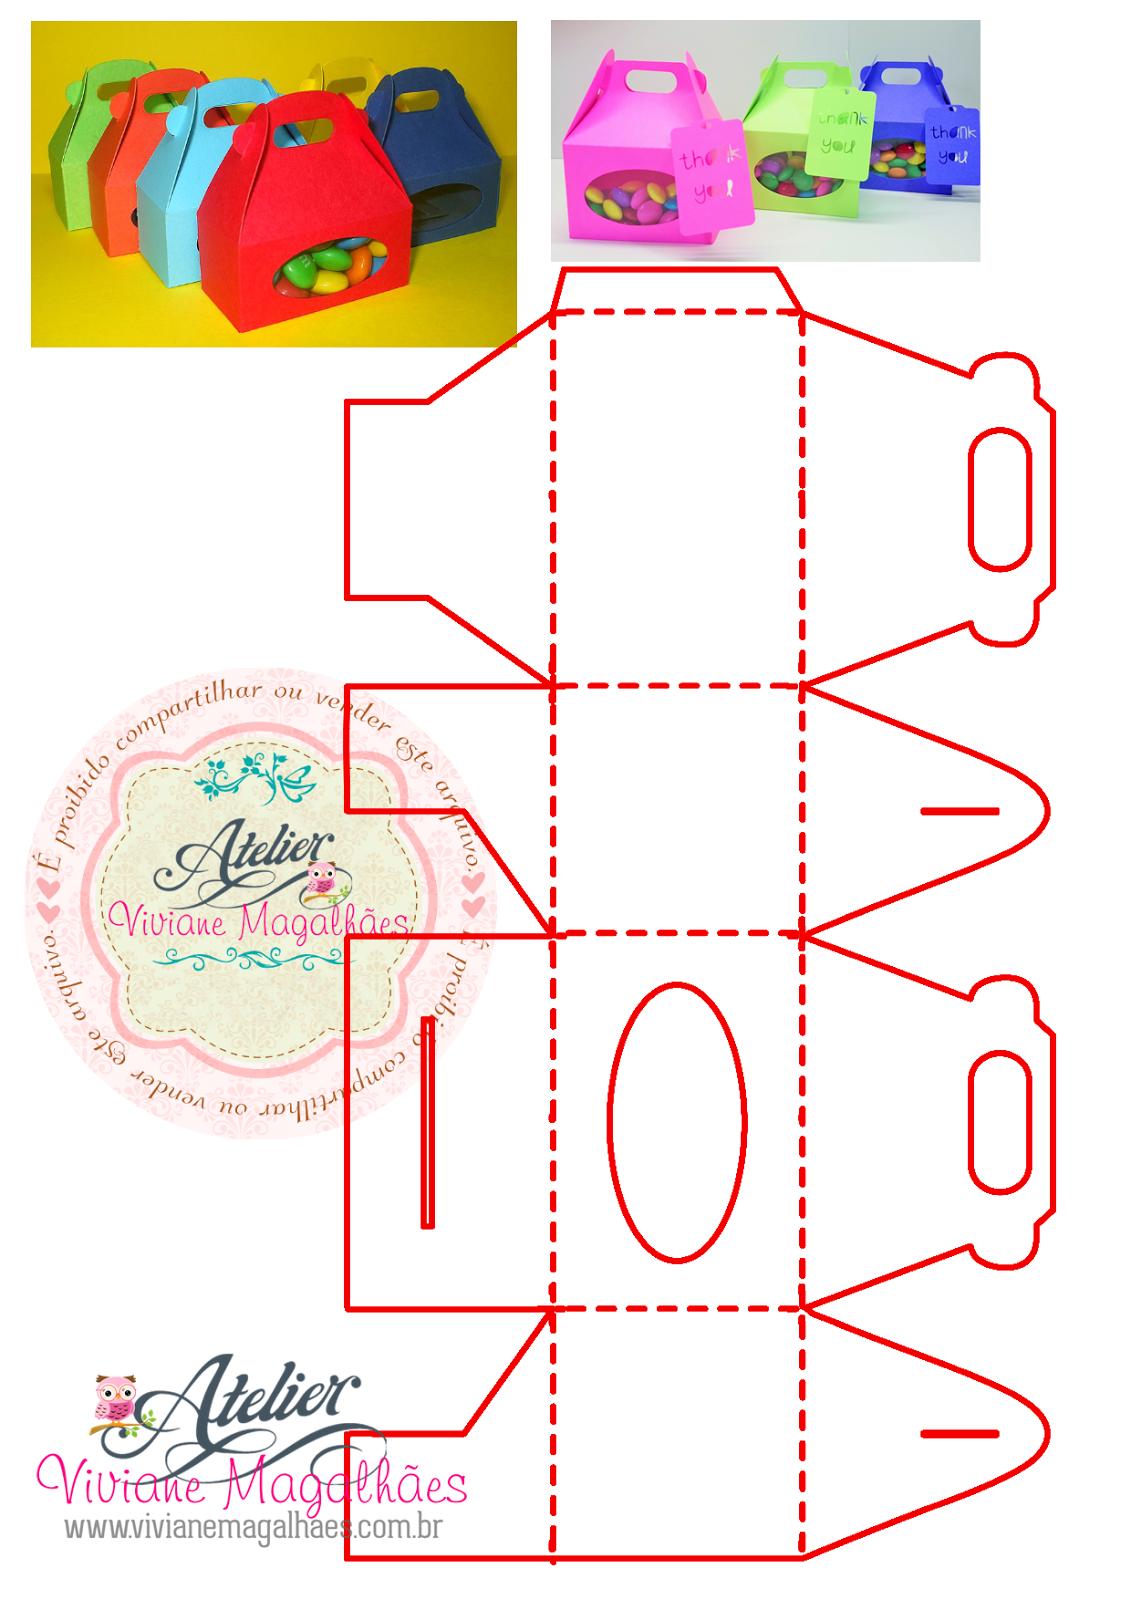 Aparador Madera Acacia ~ Artesanato Viviane Magalh u00e3es DIY Como fazer caixas coloridas (especial de Natal)